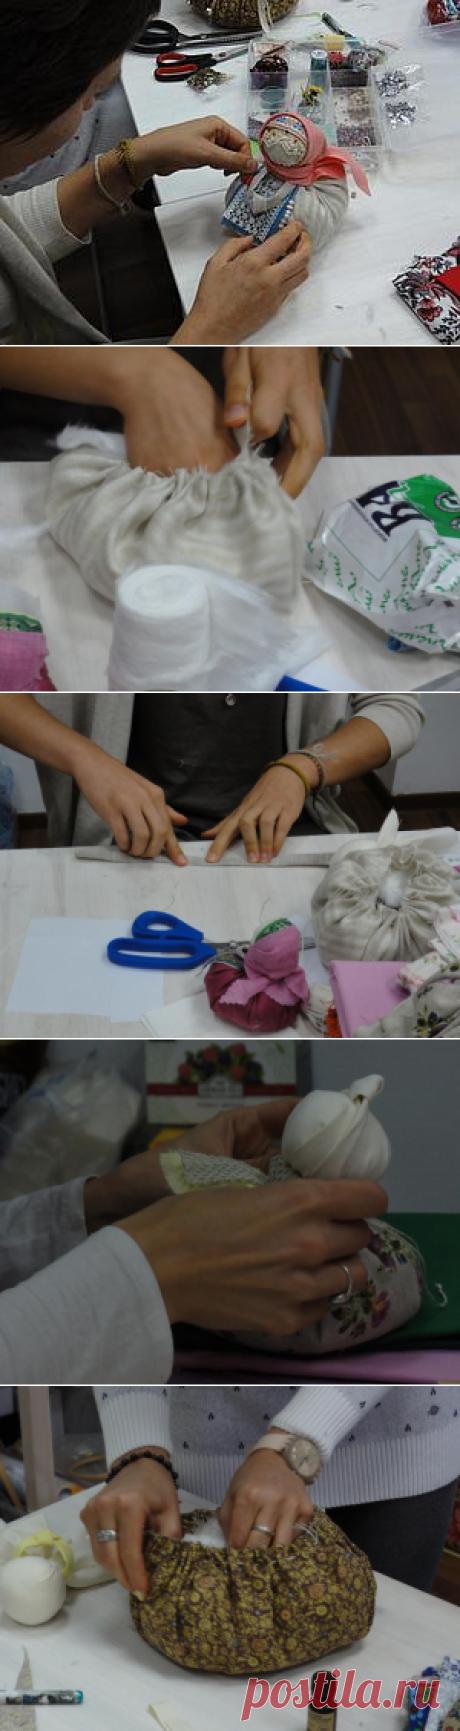 Мастер-класс по обережной кукле Благополучница - Ярмарка Мастеров - ручная работа, handmade